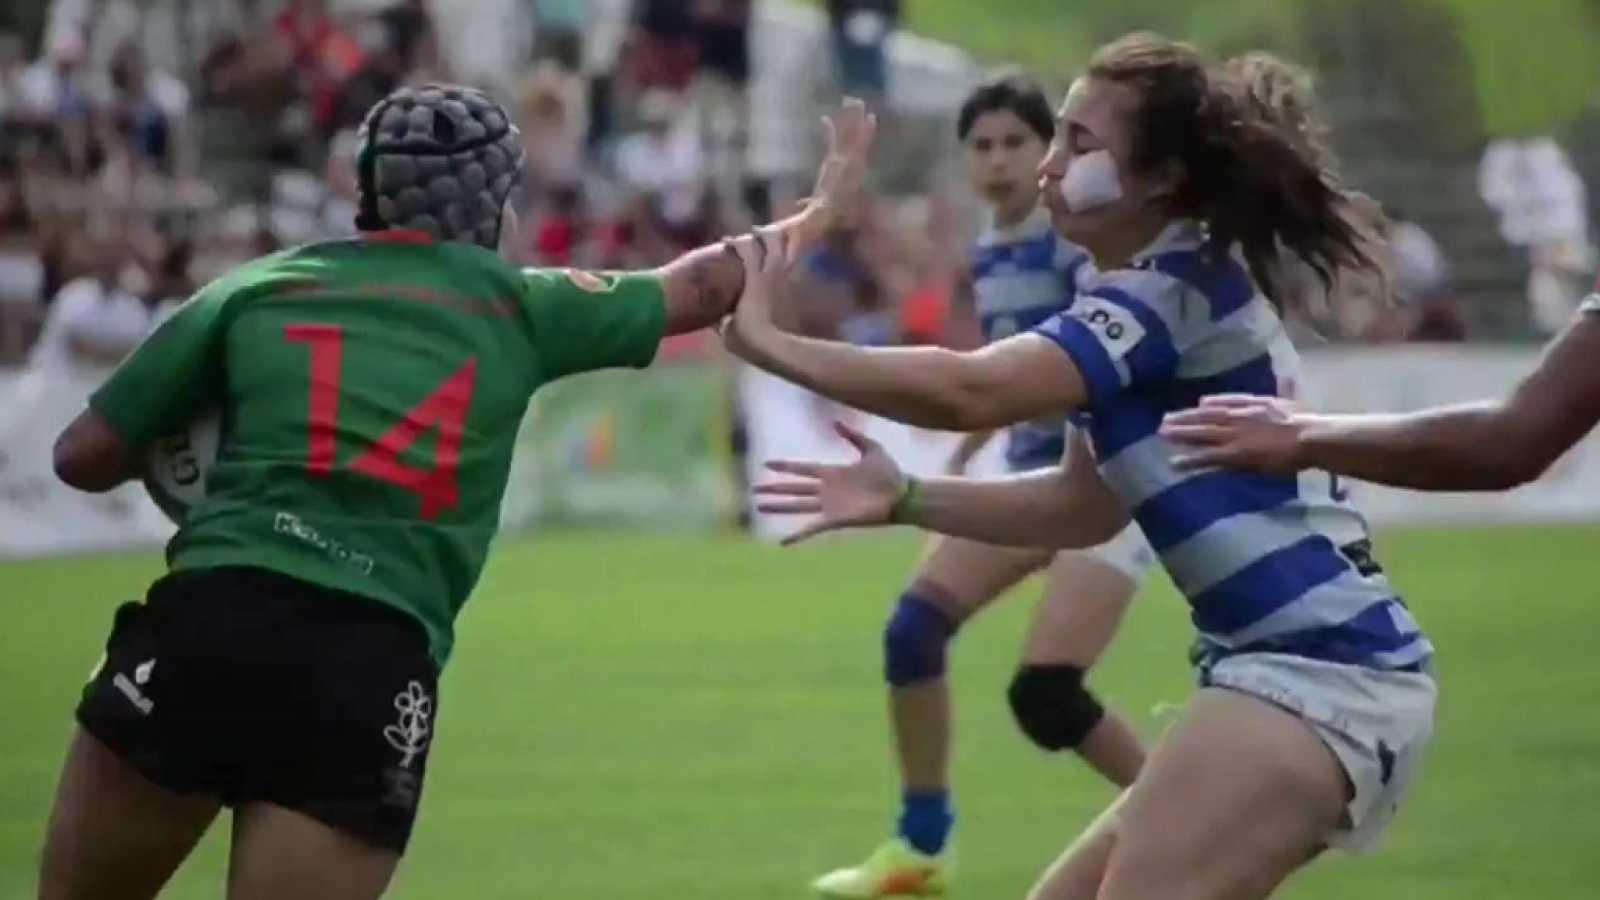 Pasión Rugby - T18/19 - Resumen de la temporada - ver ahora